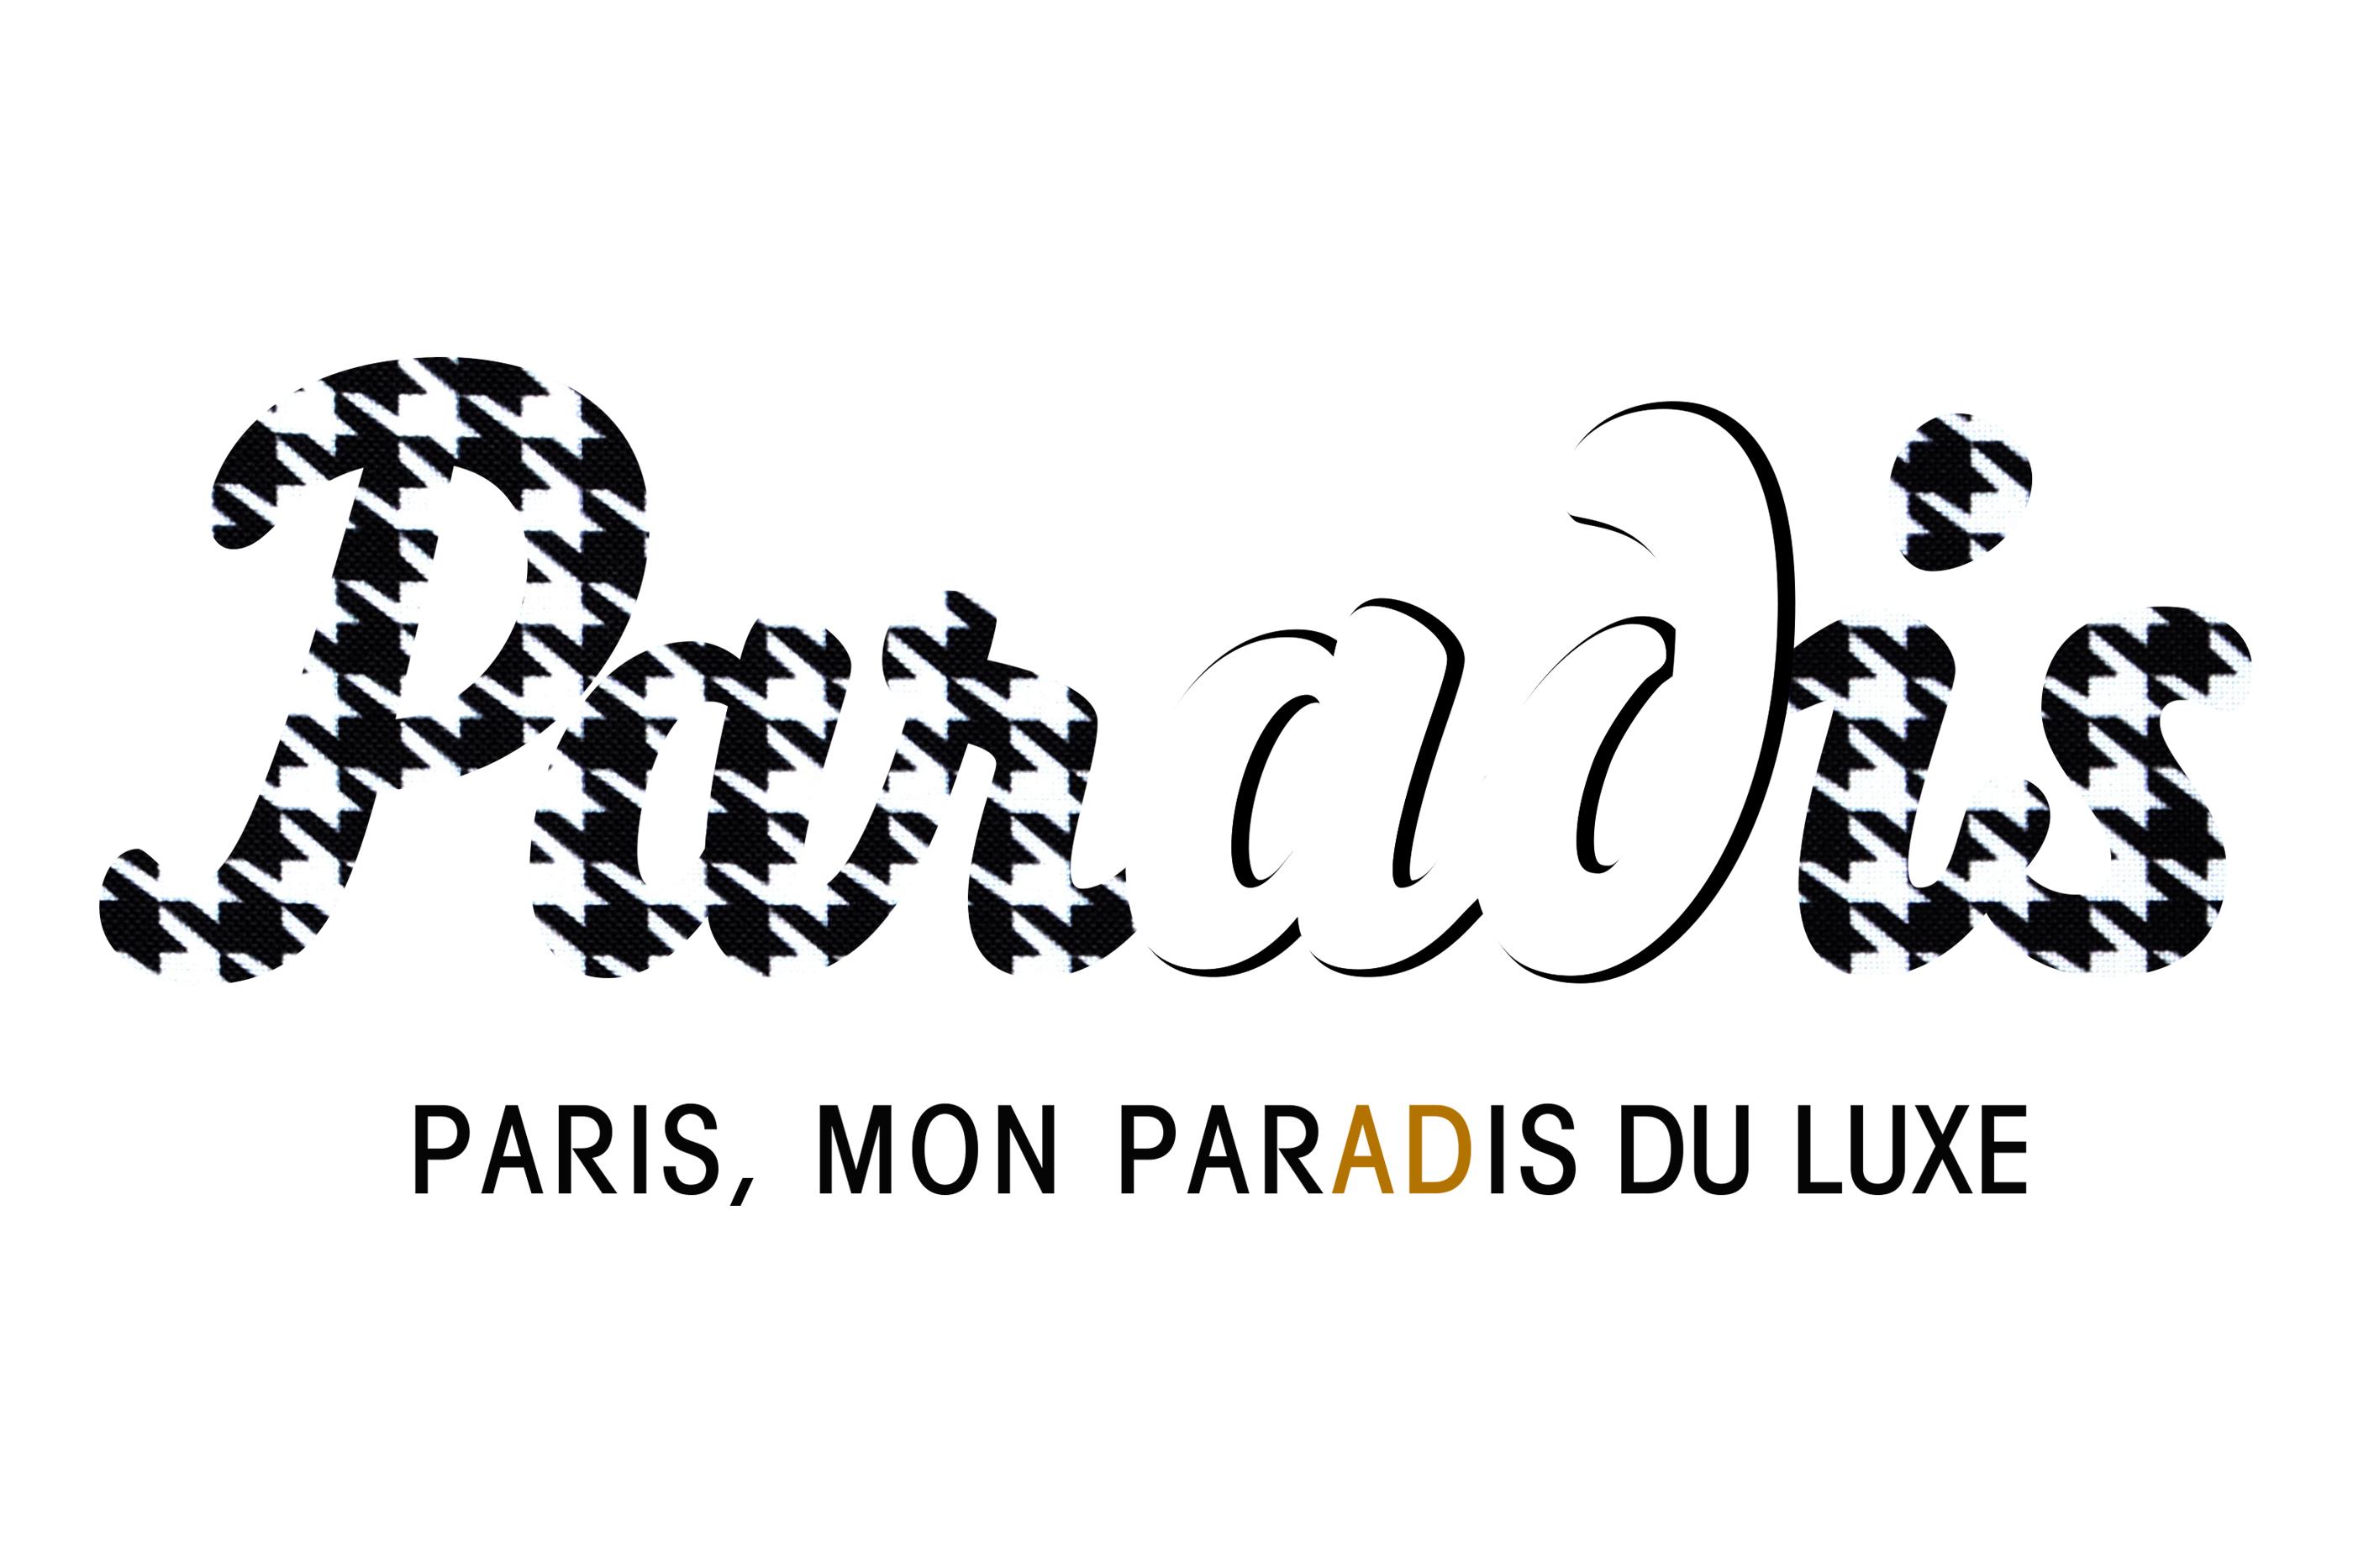 Paradis du luxe